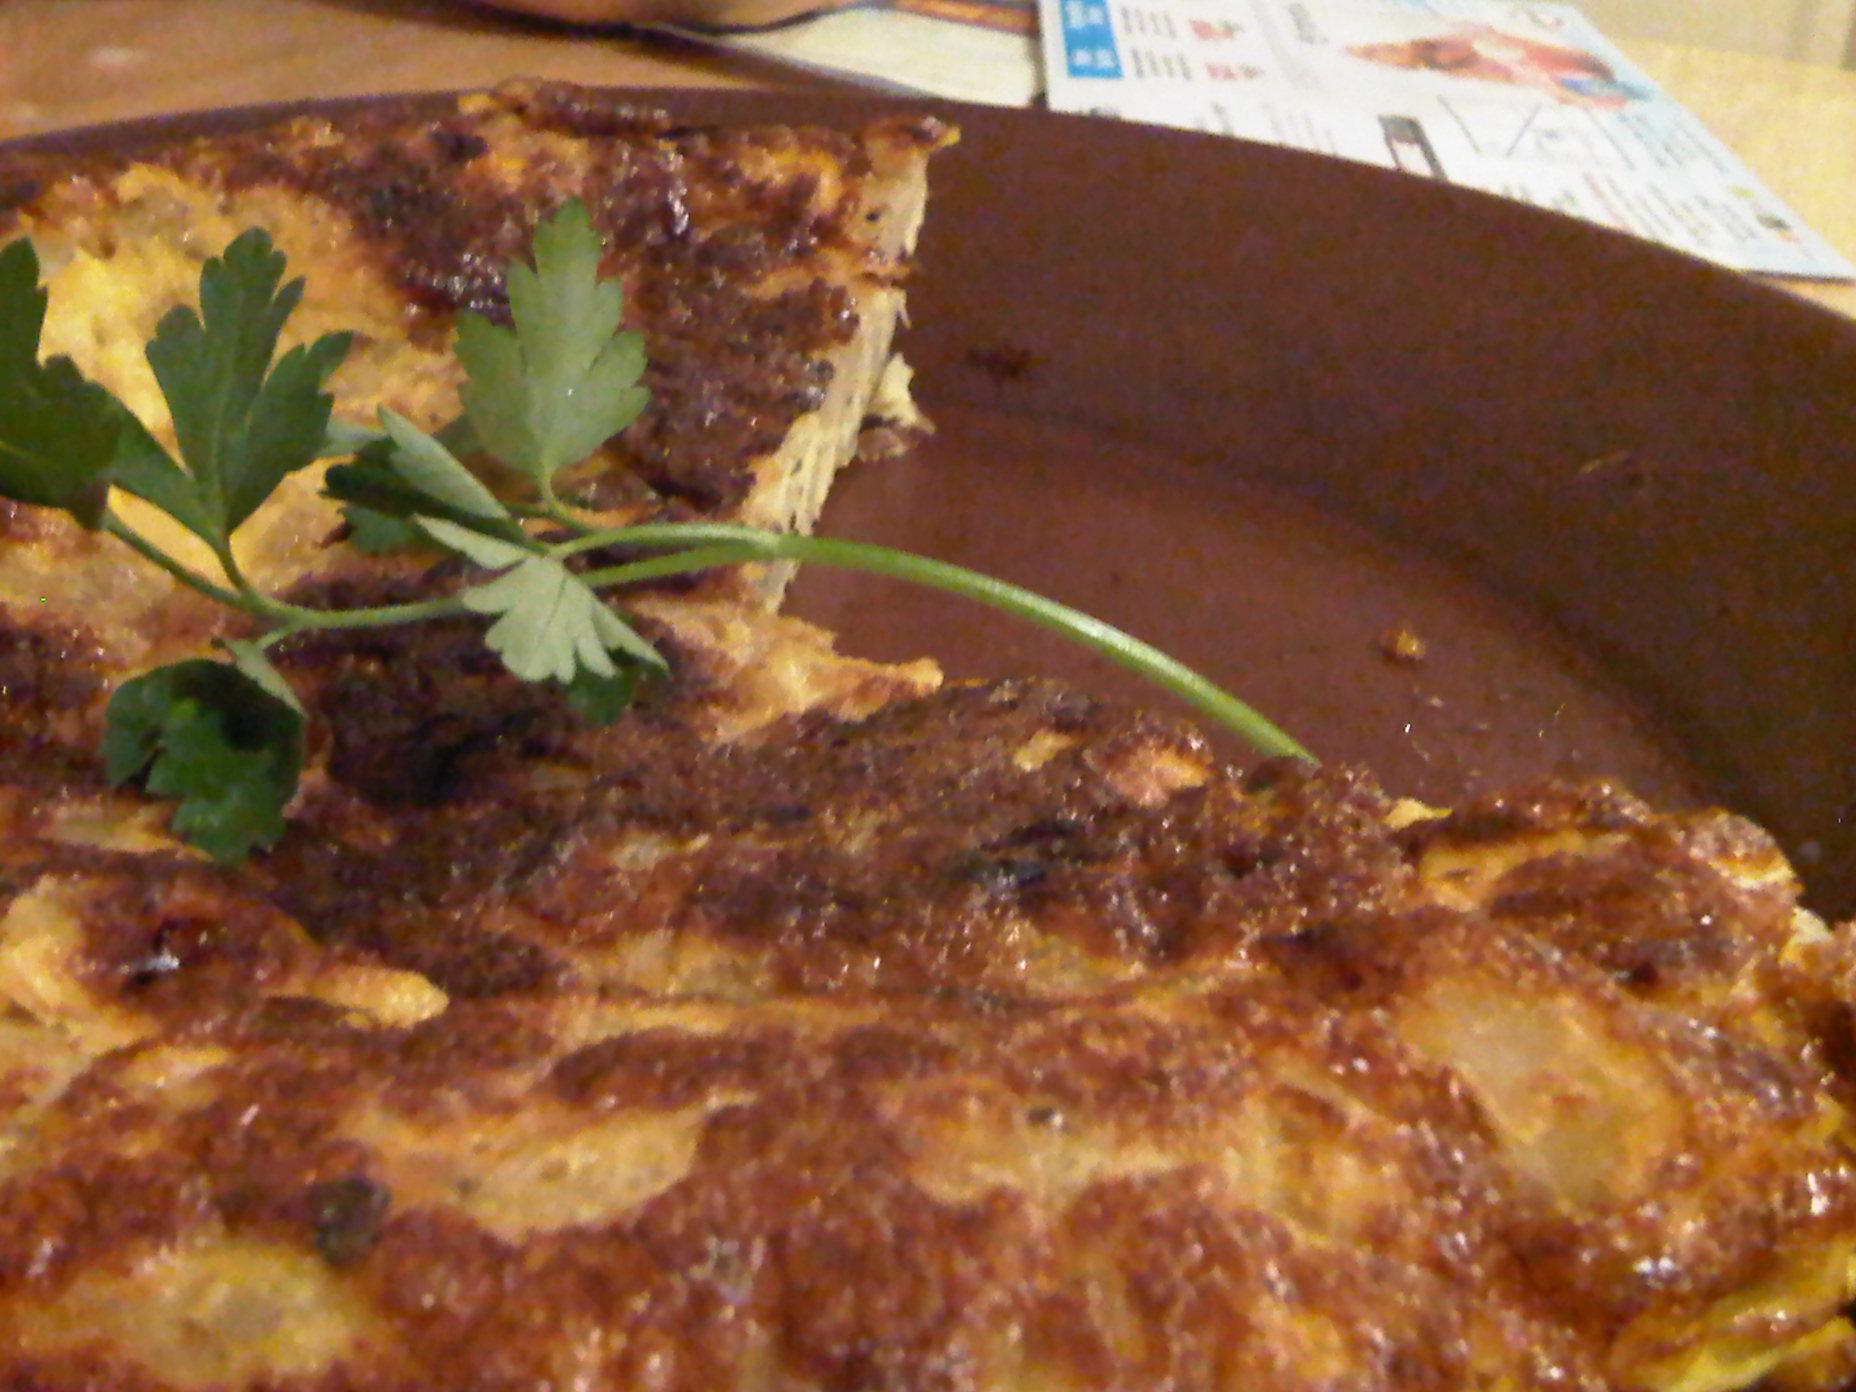 Ben's.tortilla